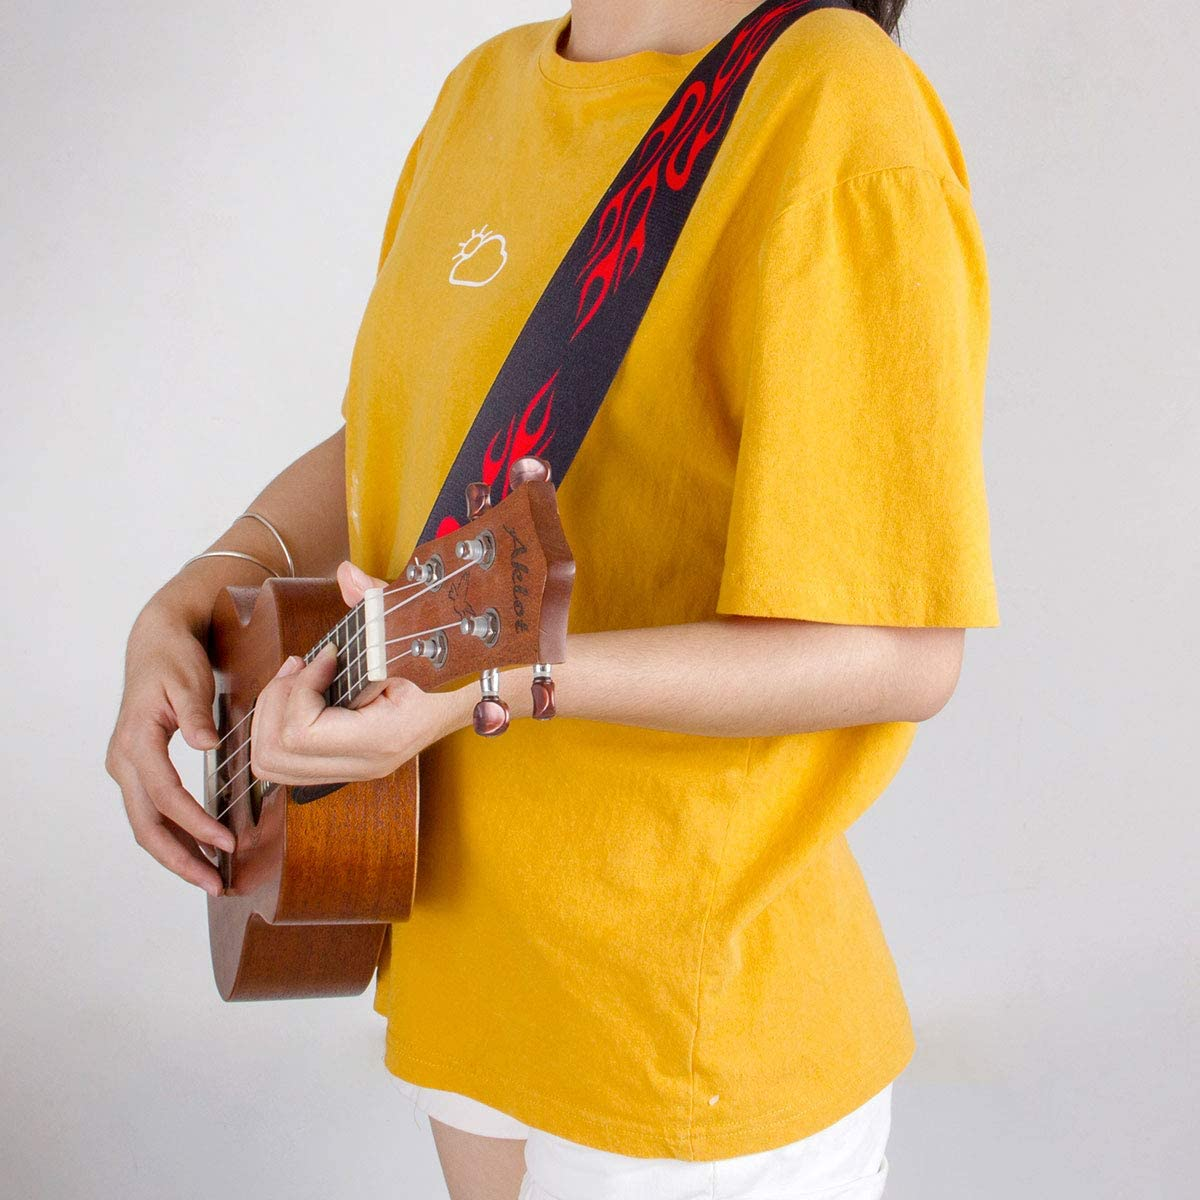 Lotmusic Sangle guitare r/églable en cuir Motif flammes rouges